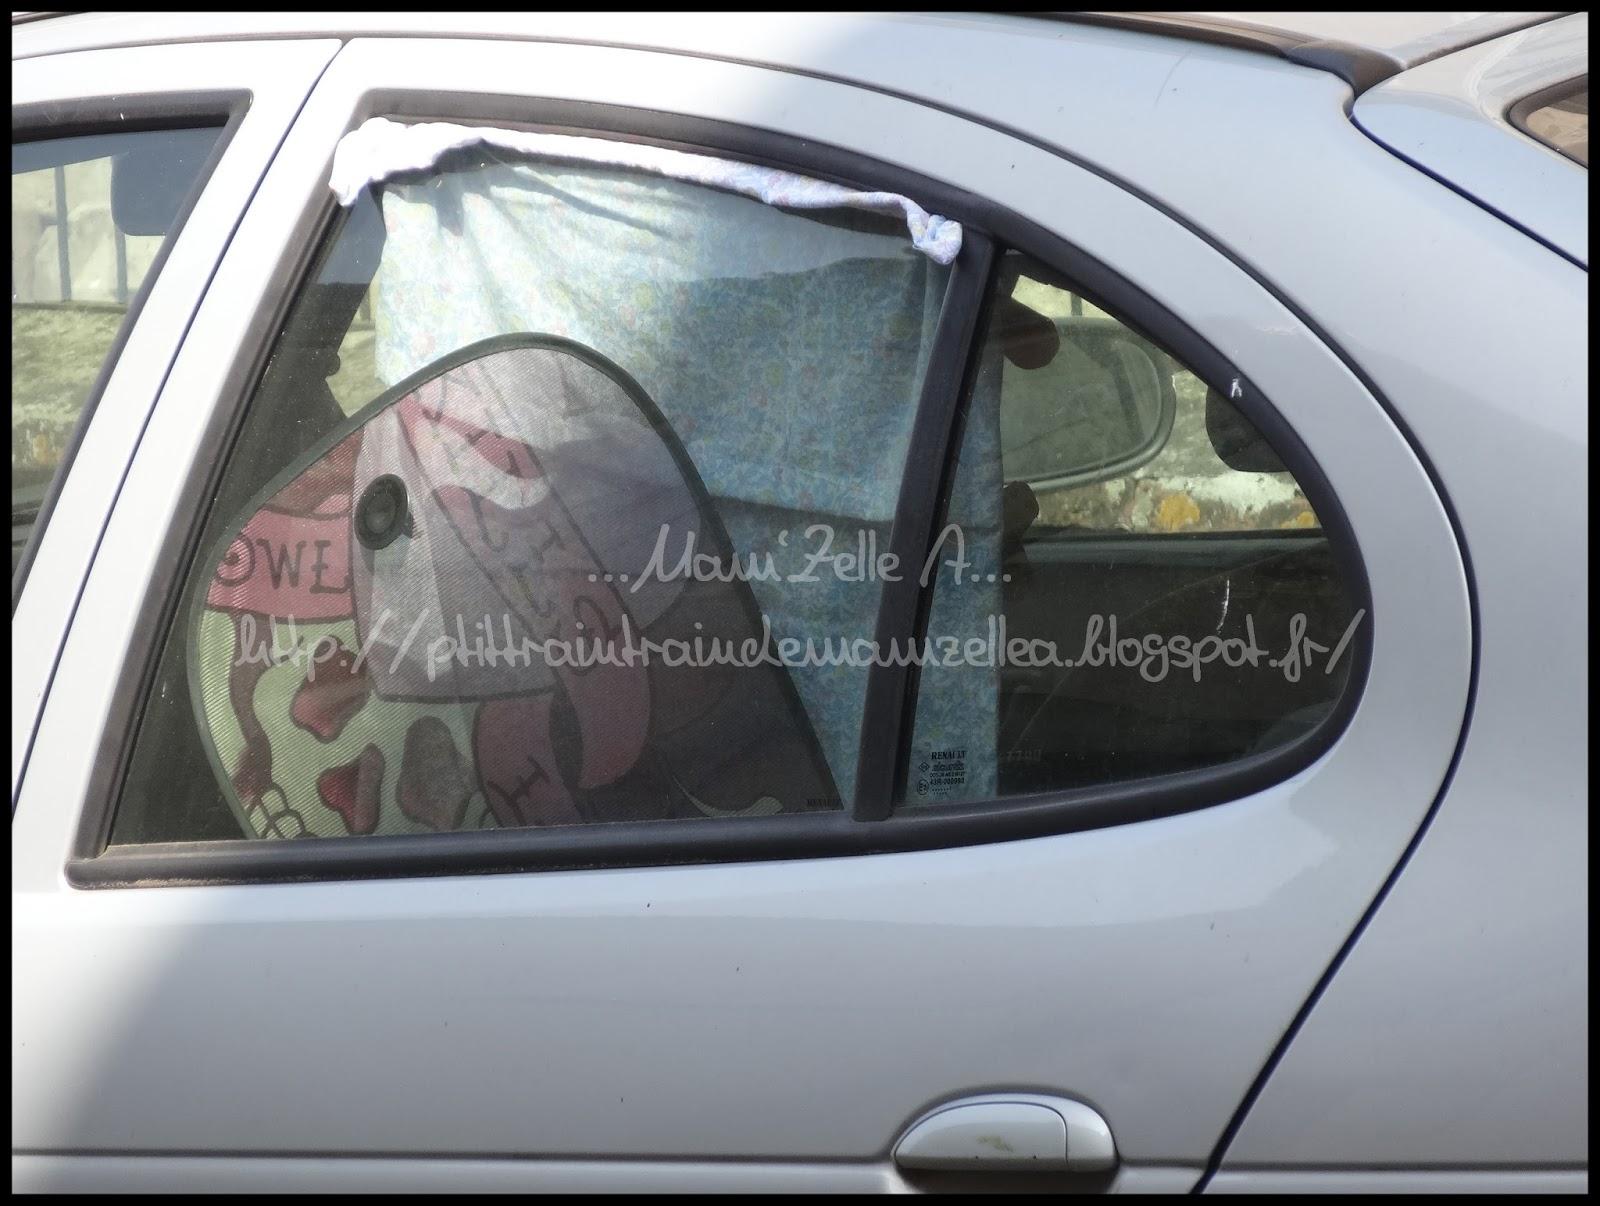 Installation de rideaux pare soleil sur mesure sur sandero tuto page 2 sandero dacia - Pare soleil voiture sur mesure ...